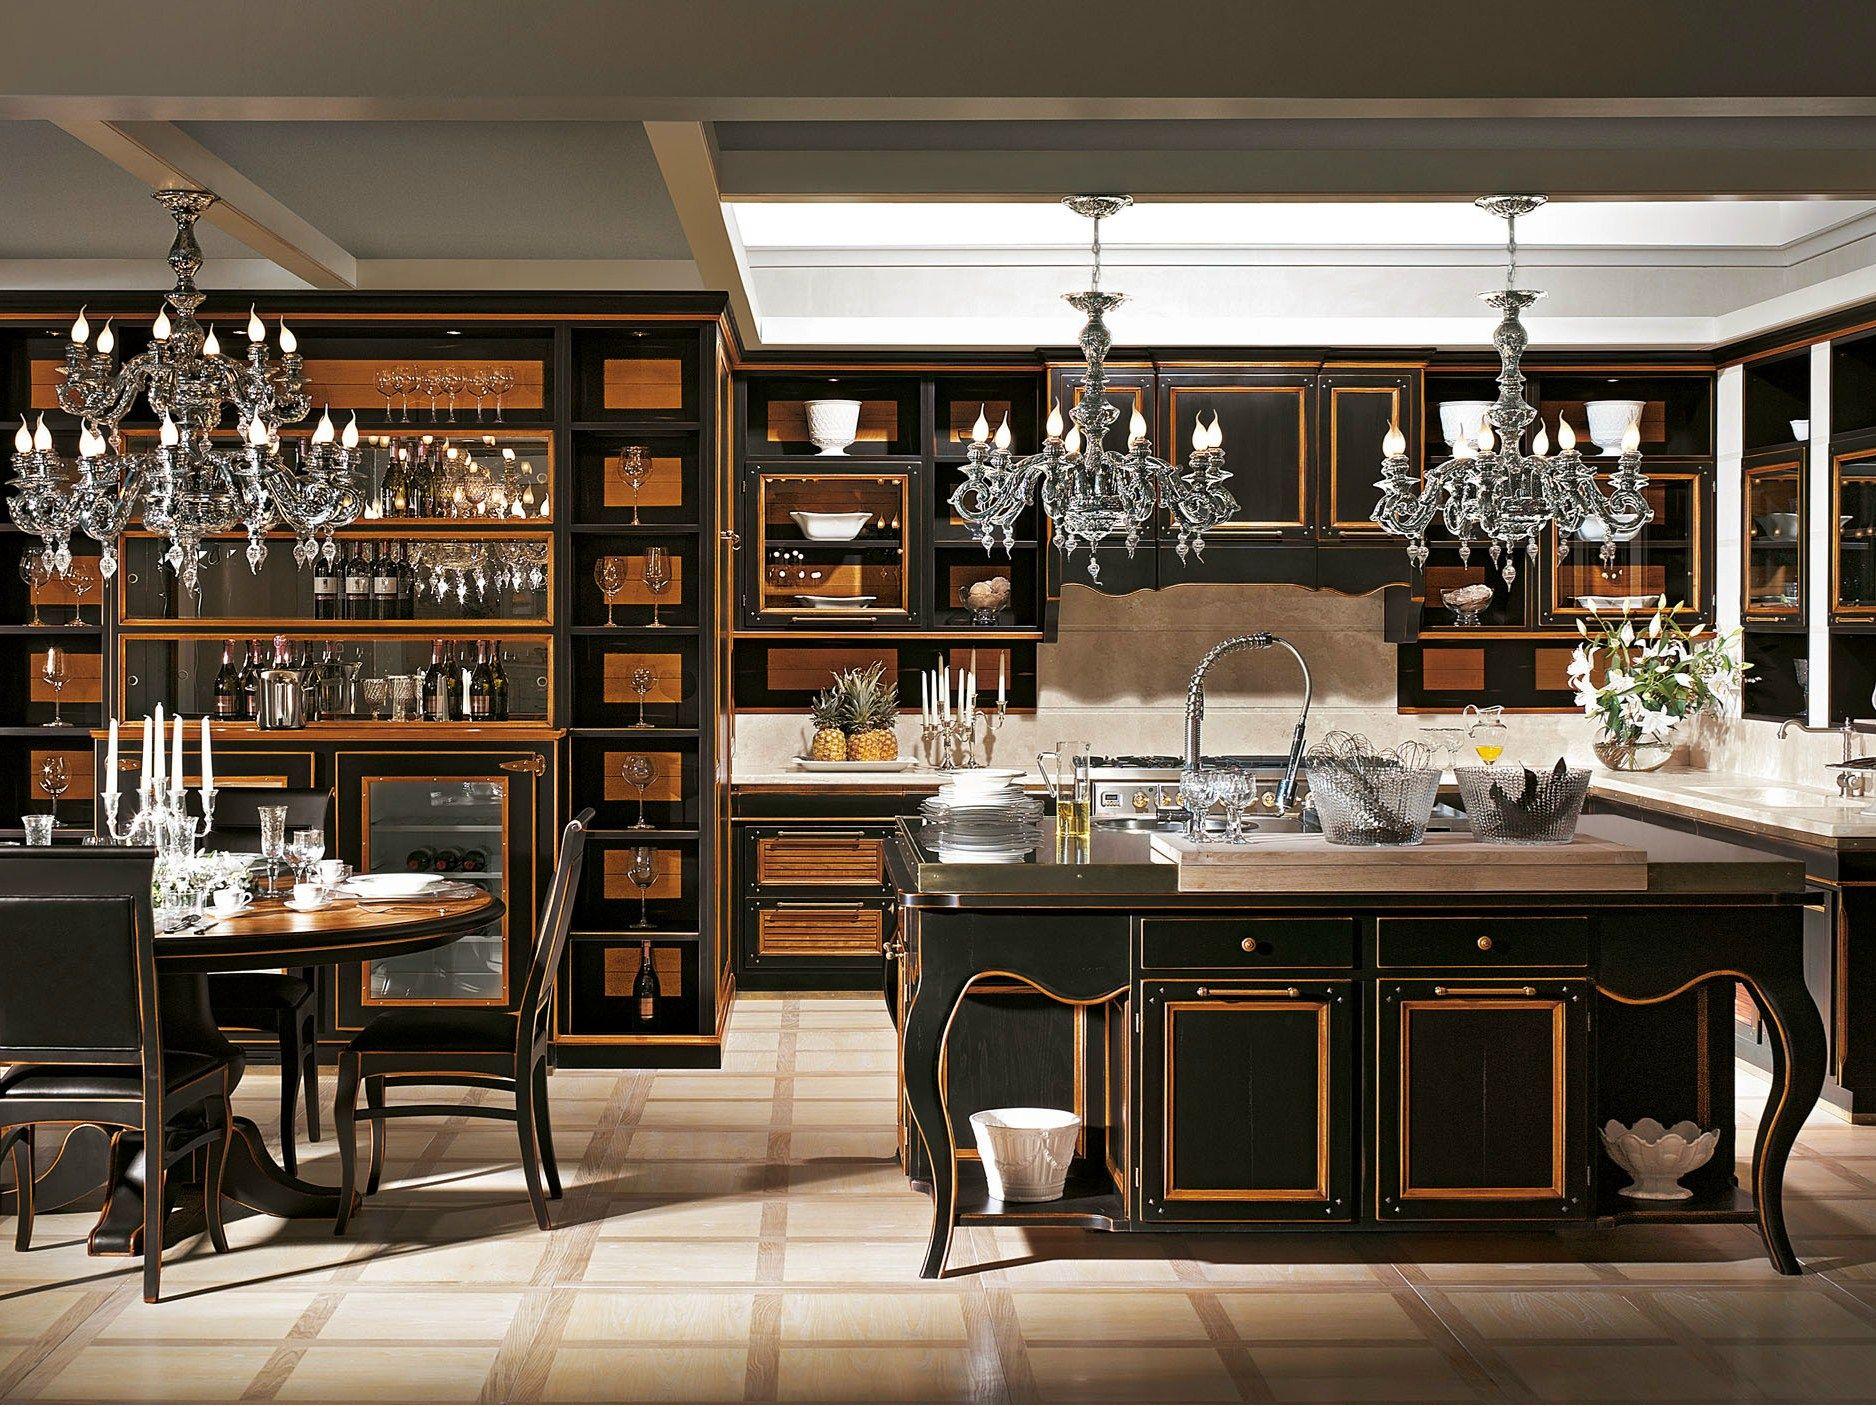 Cucina in ciliegio con isola living excelsa by l 39 ottocento - Cucine in ciliegio ...